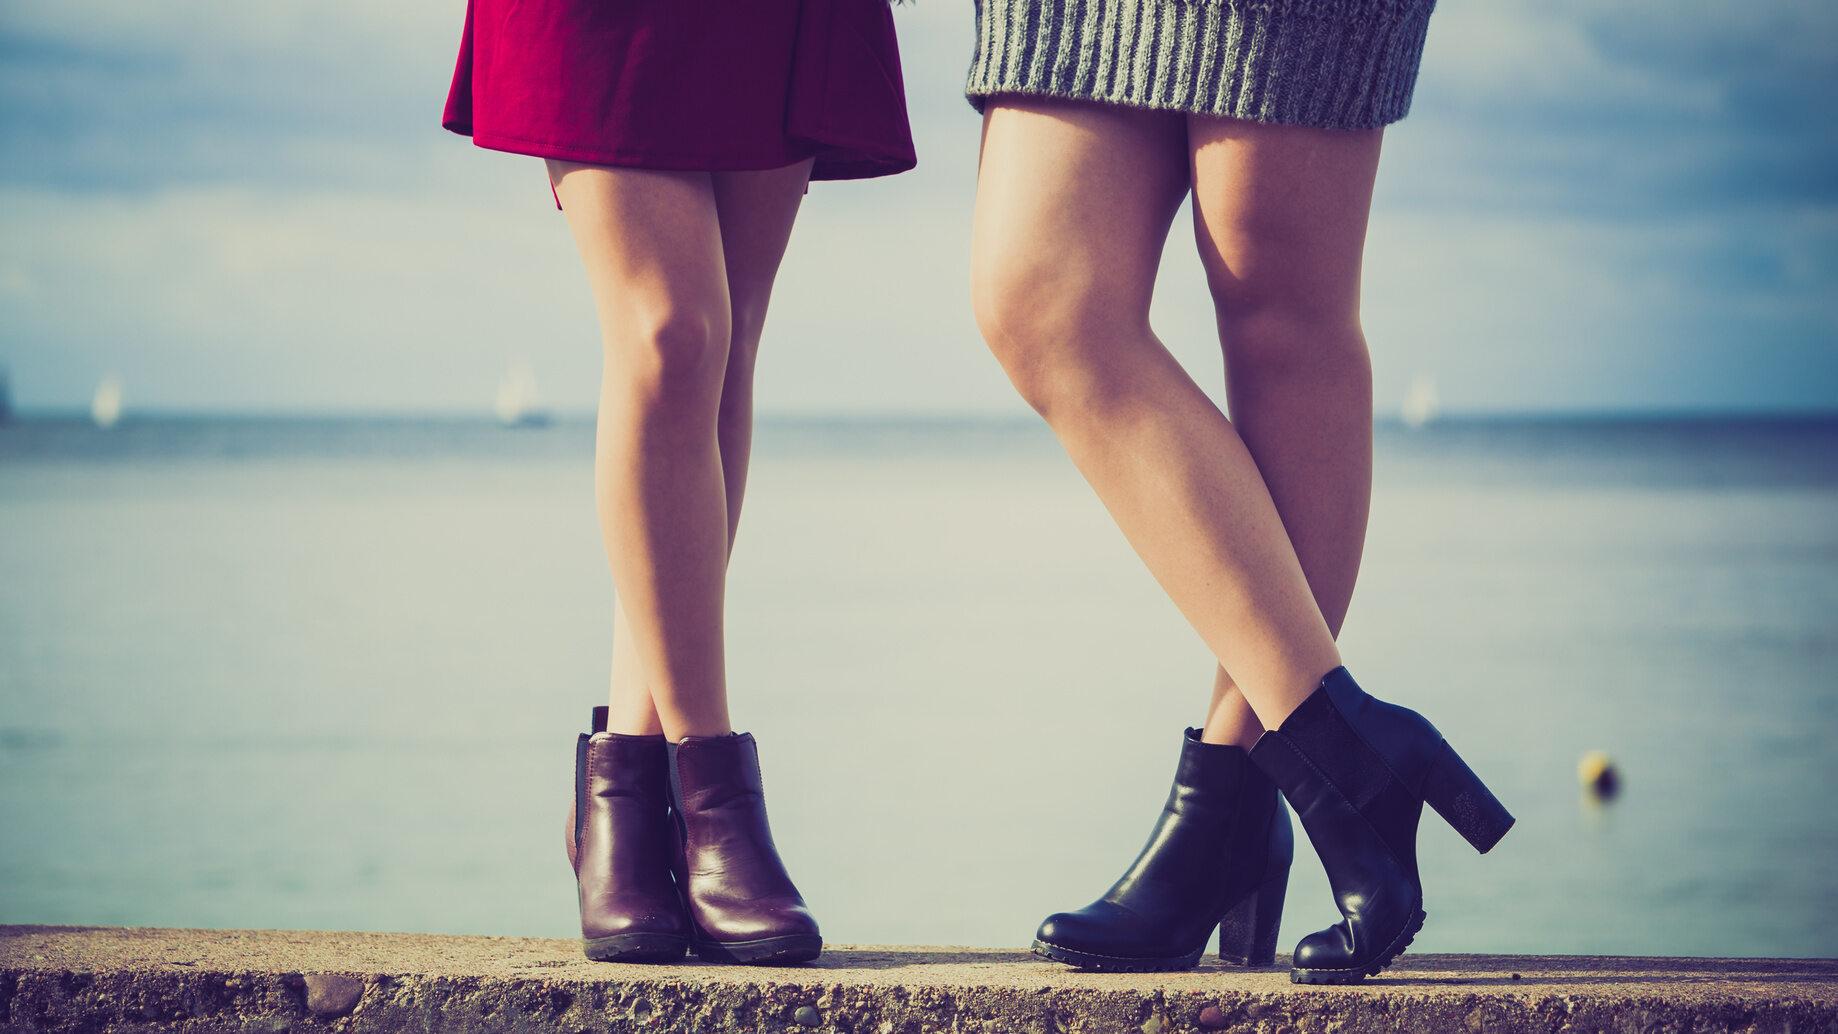 Odsłonięte nogi (zdj. ilustracyjne)